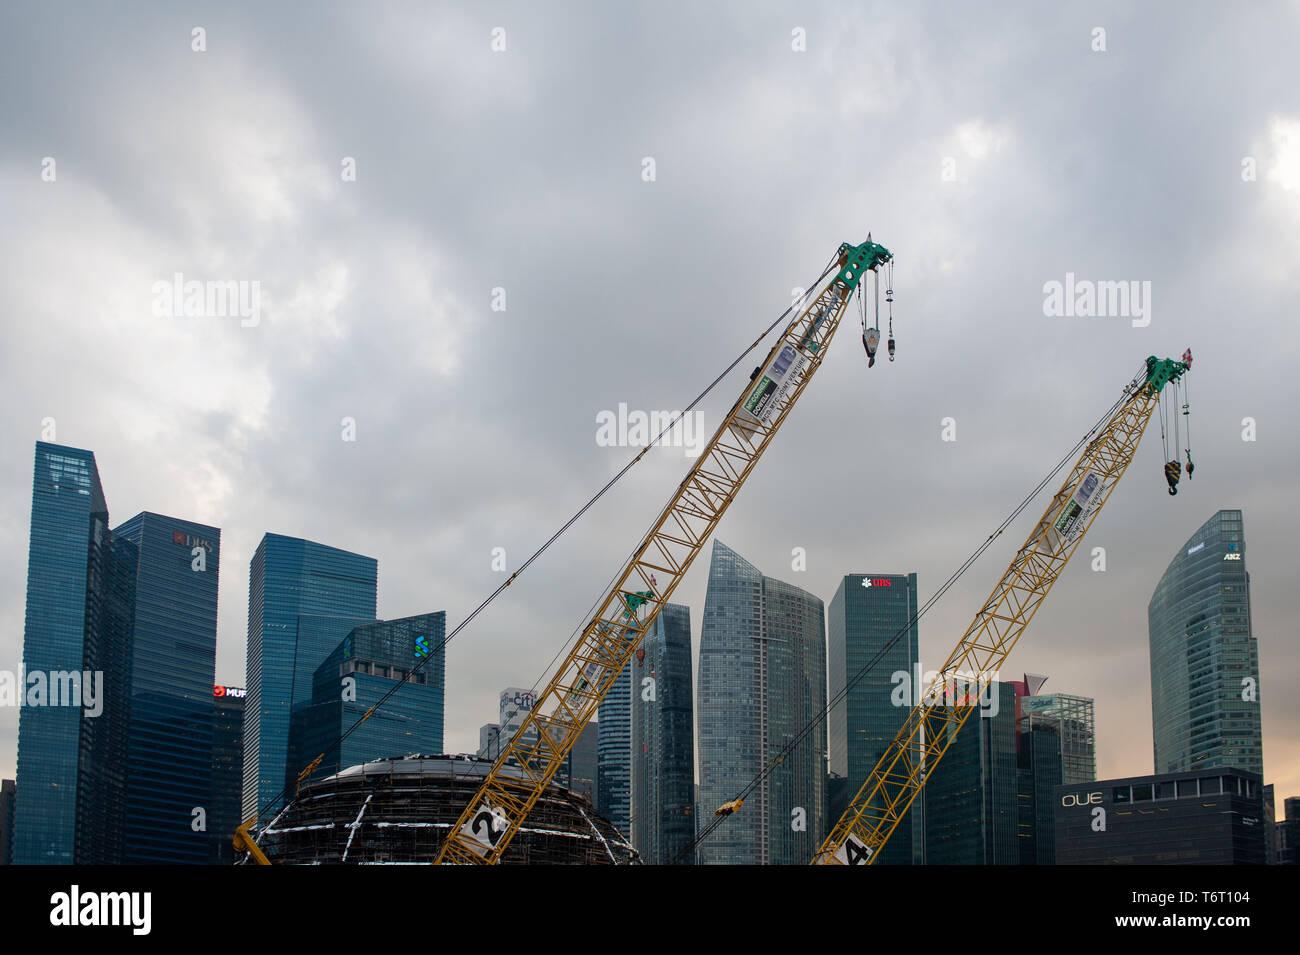 12 04 2019, Singapore, Republic of Singapore, Asia